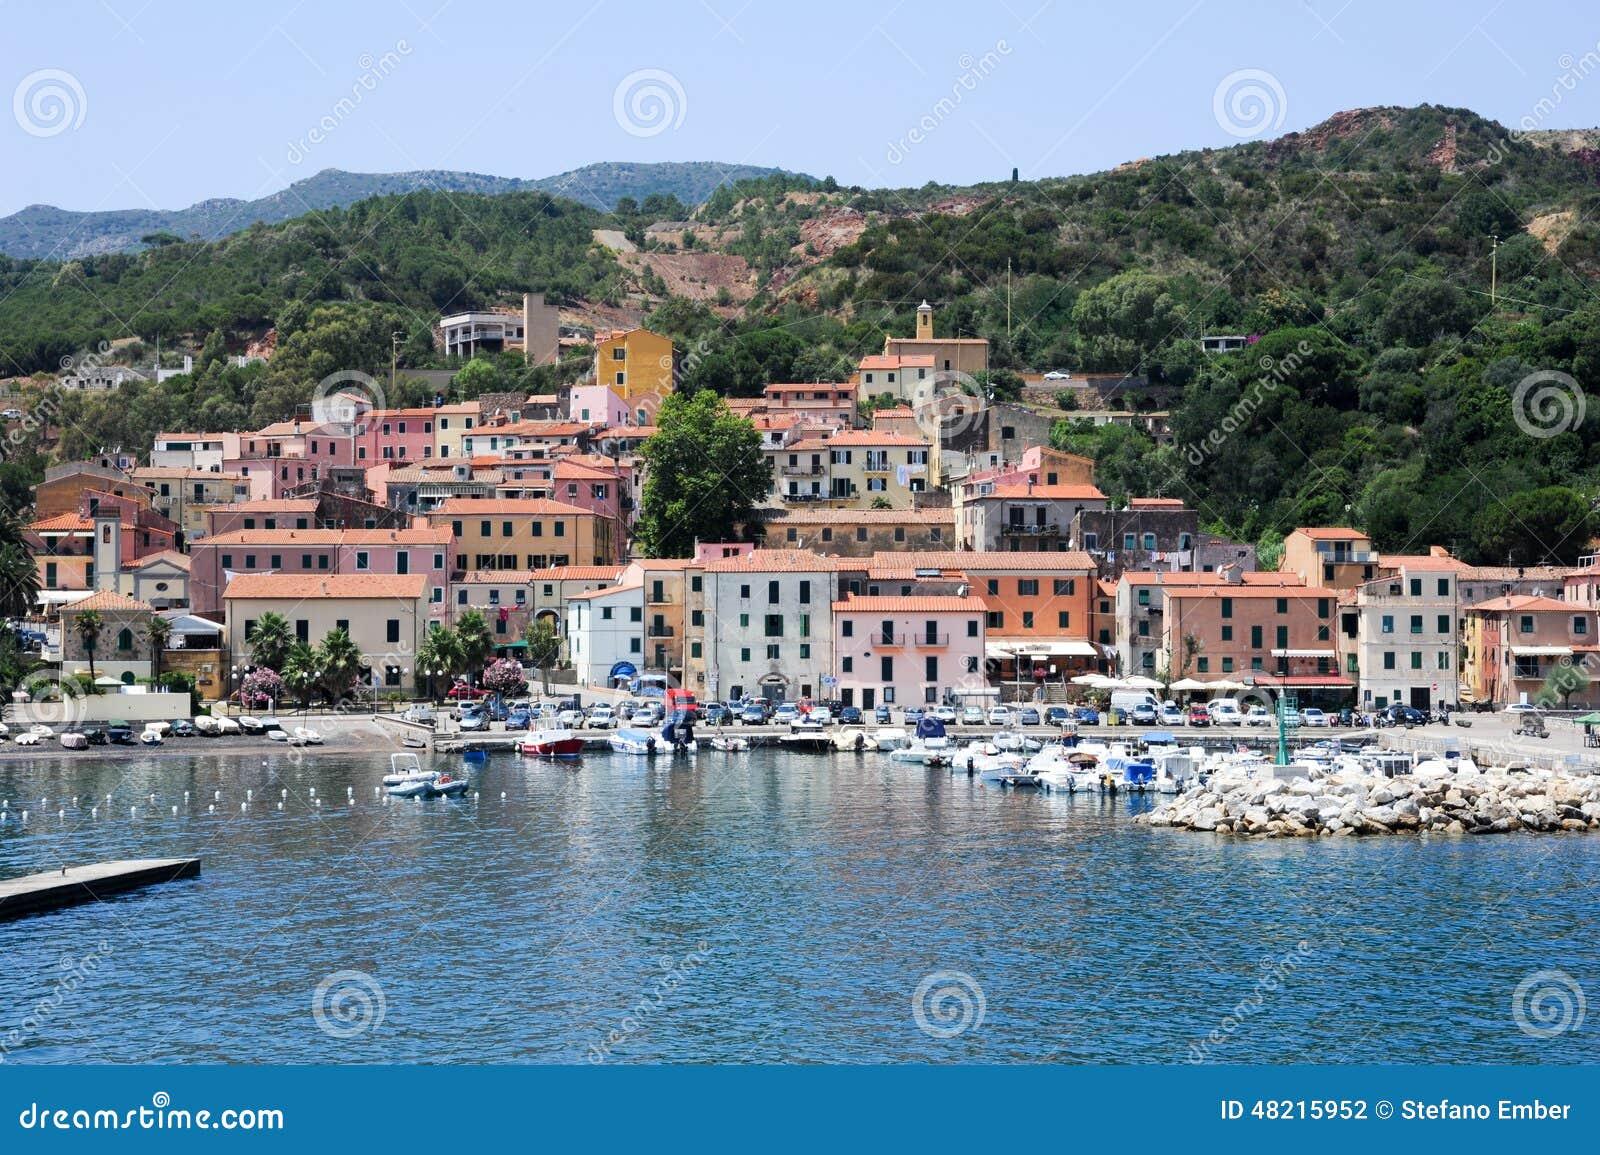 Das Dorf von Rio Marina auf Elba-Insel, Italien